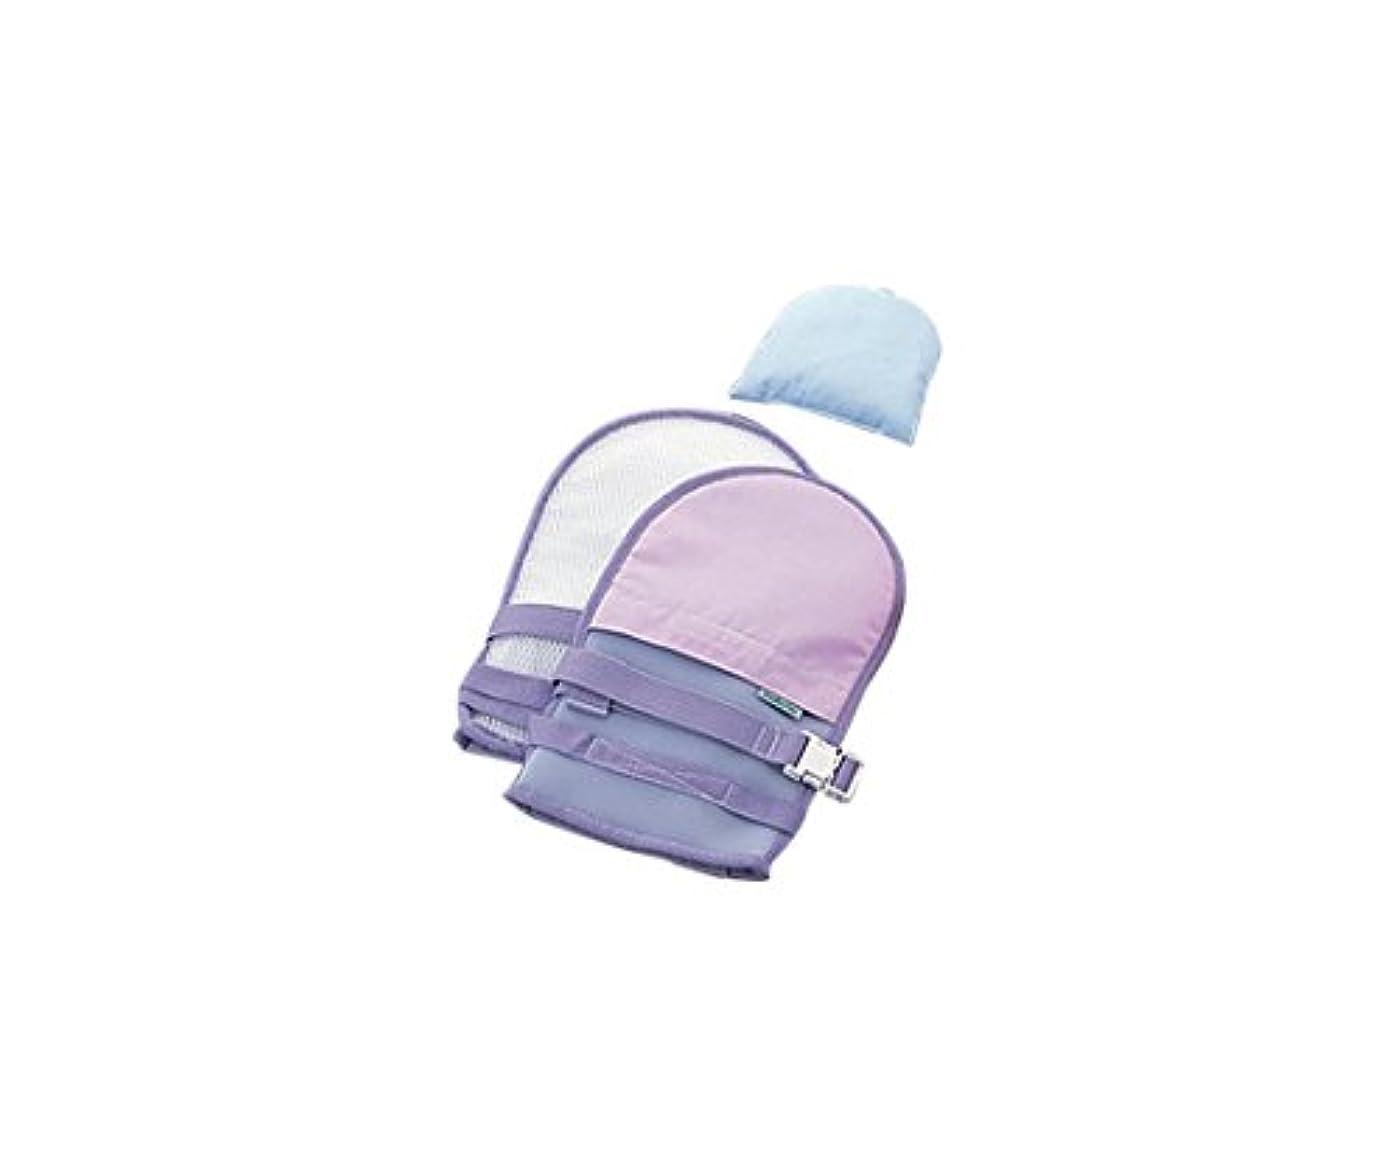 ゆりかご水差し浮くナビス(アズワン)0-1638-33抜管防止手袋小メッシュパープル